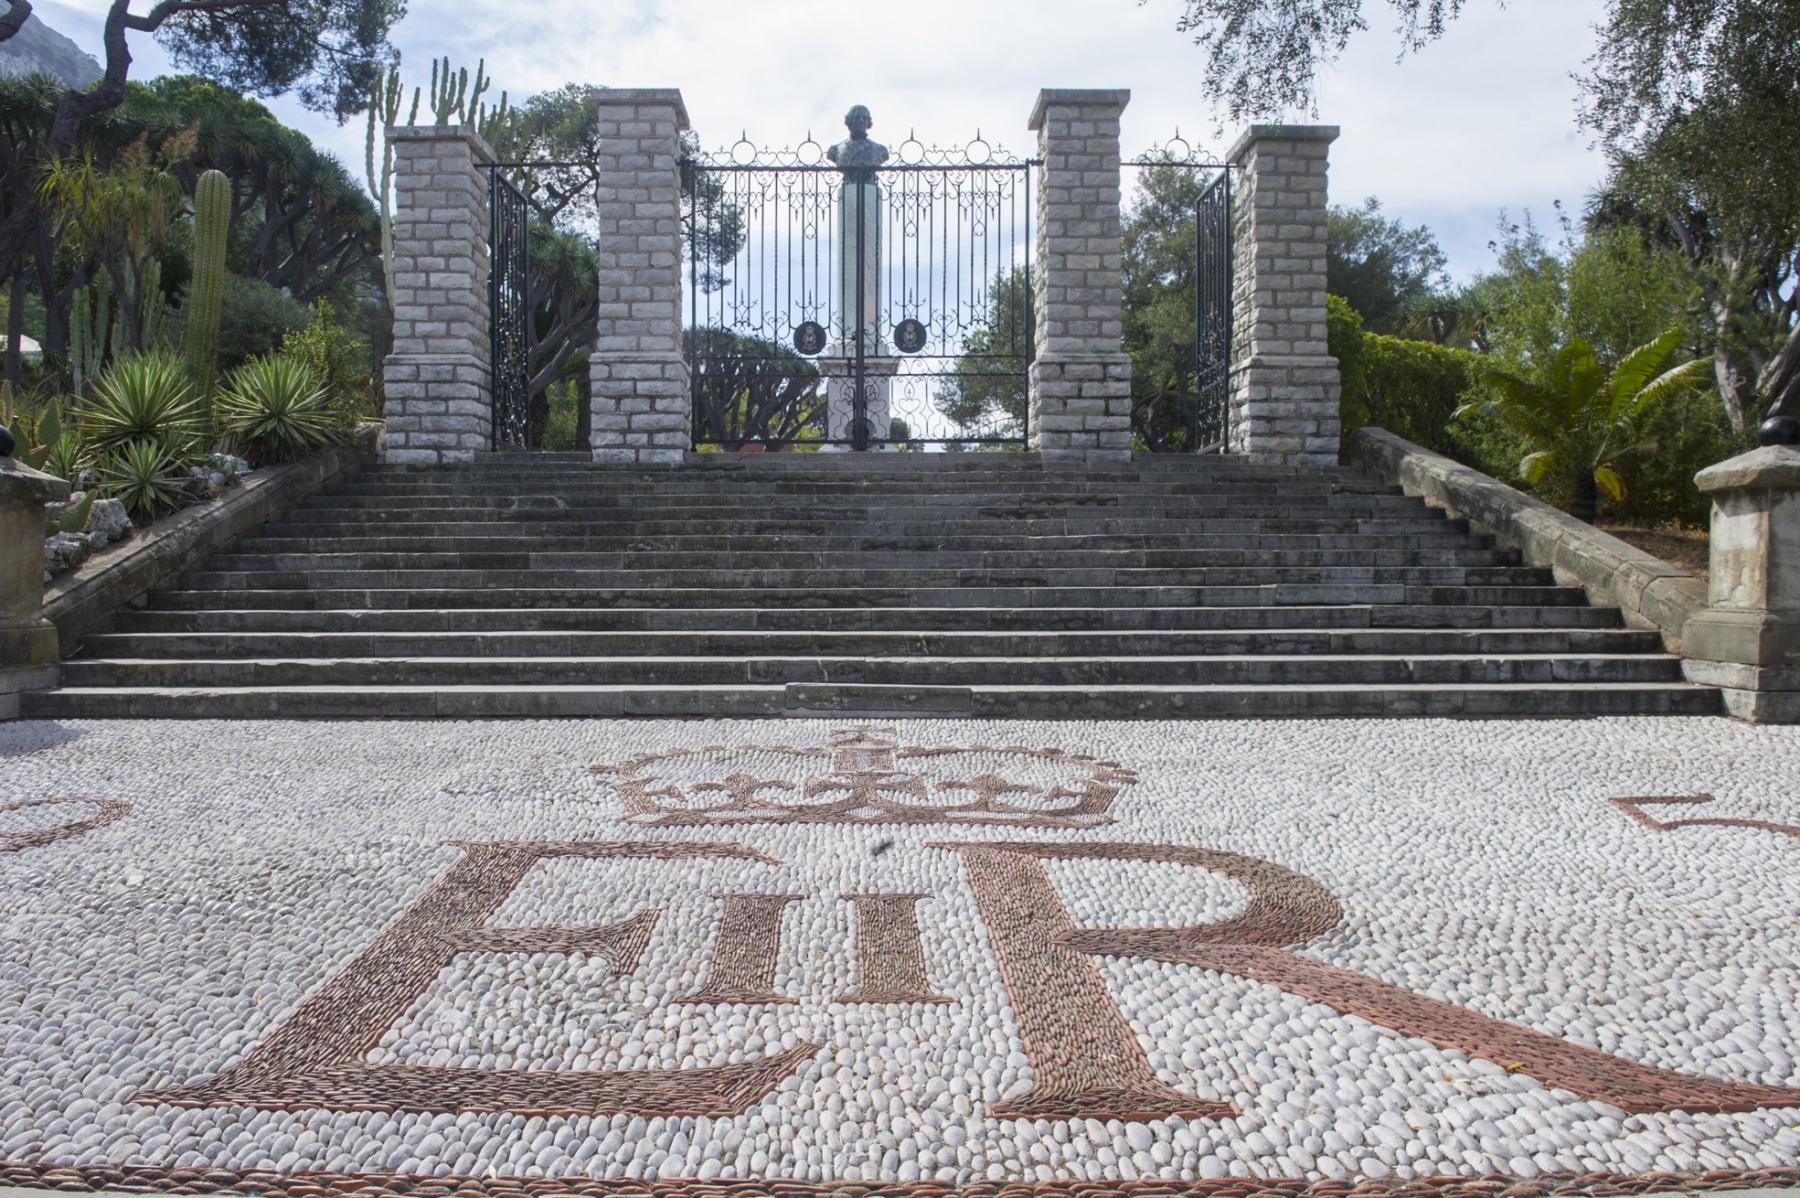 alameda-gardens-10_38737336275_o